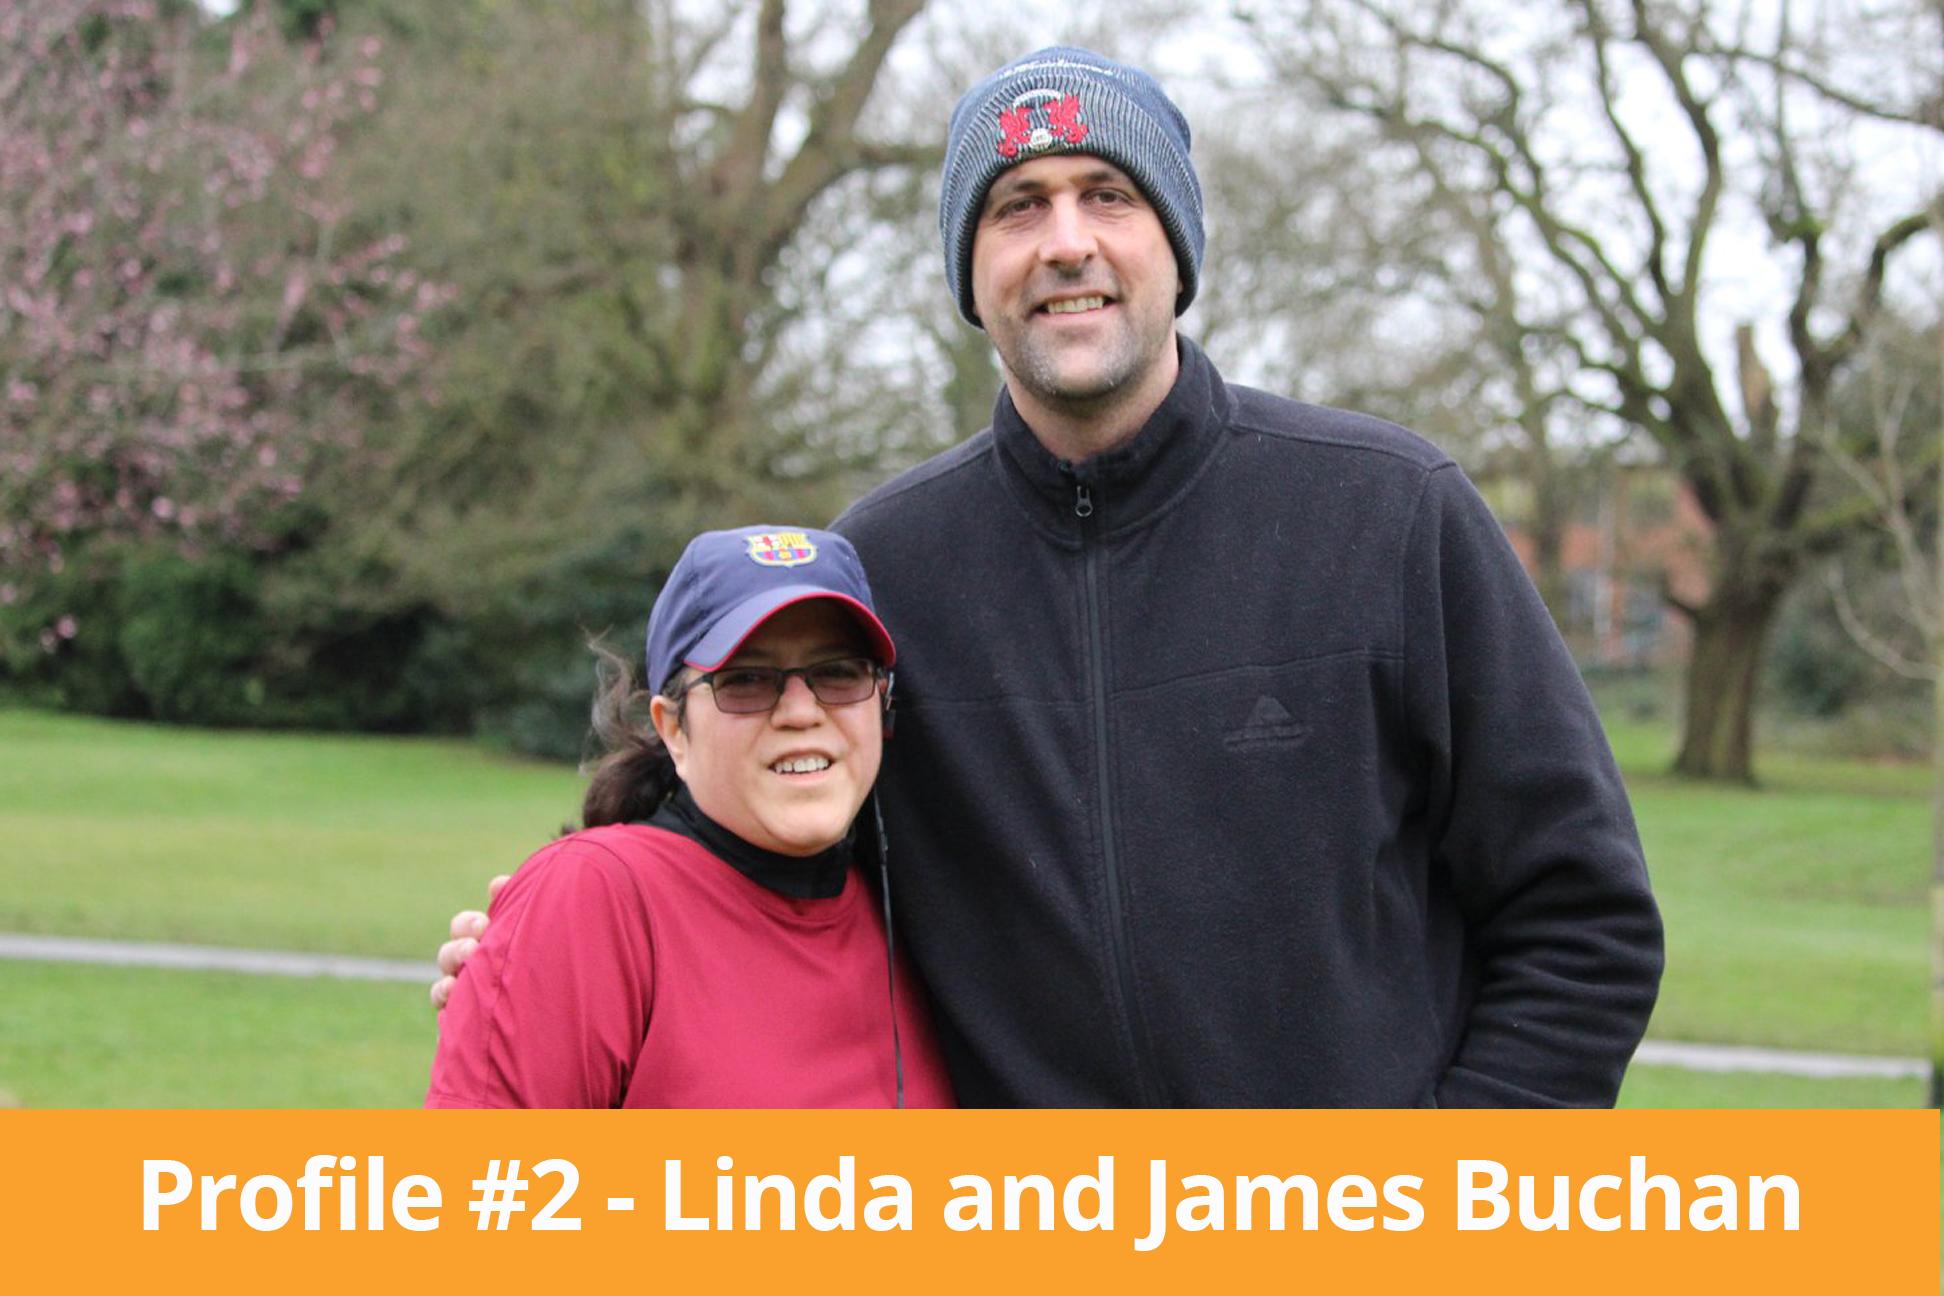 linda and james